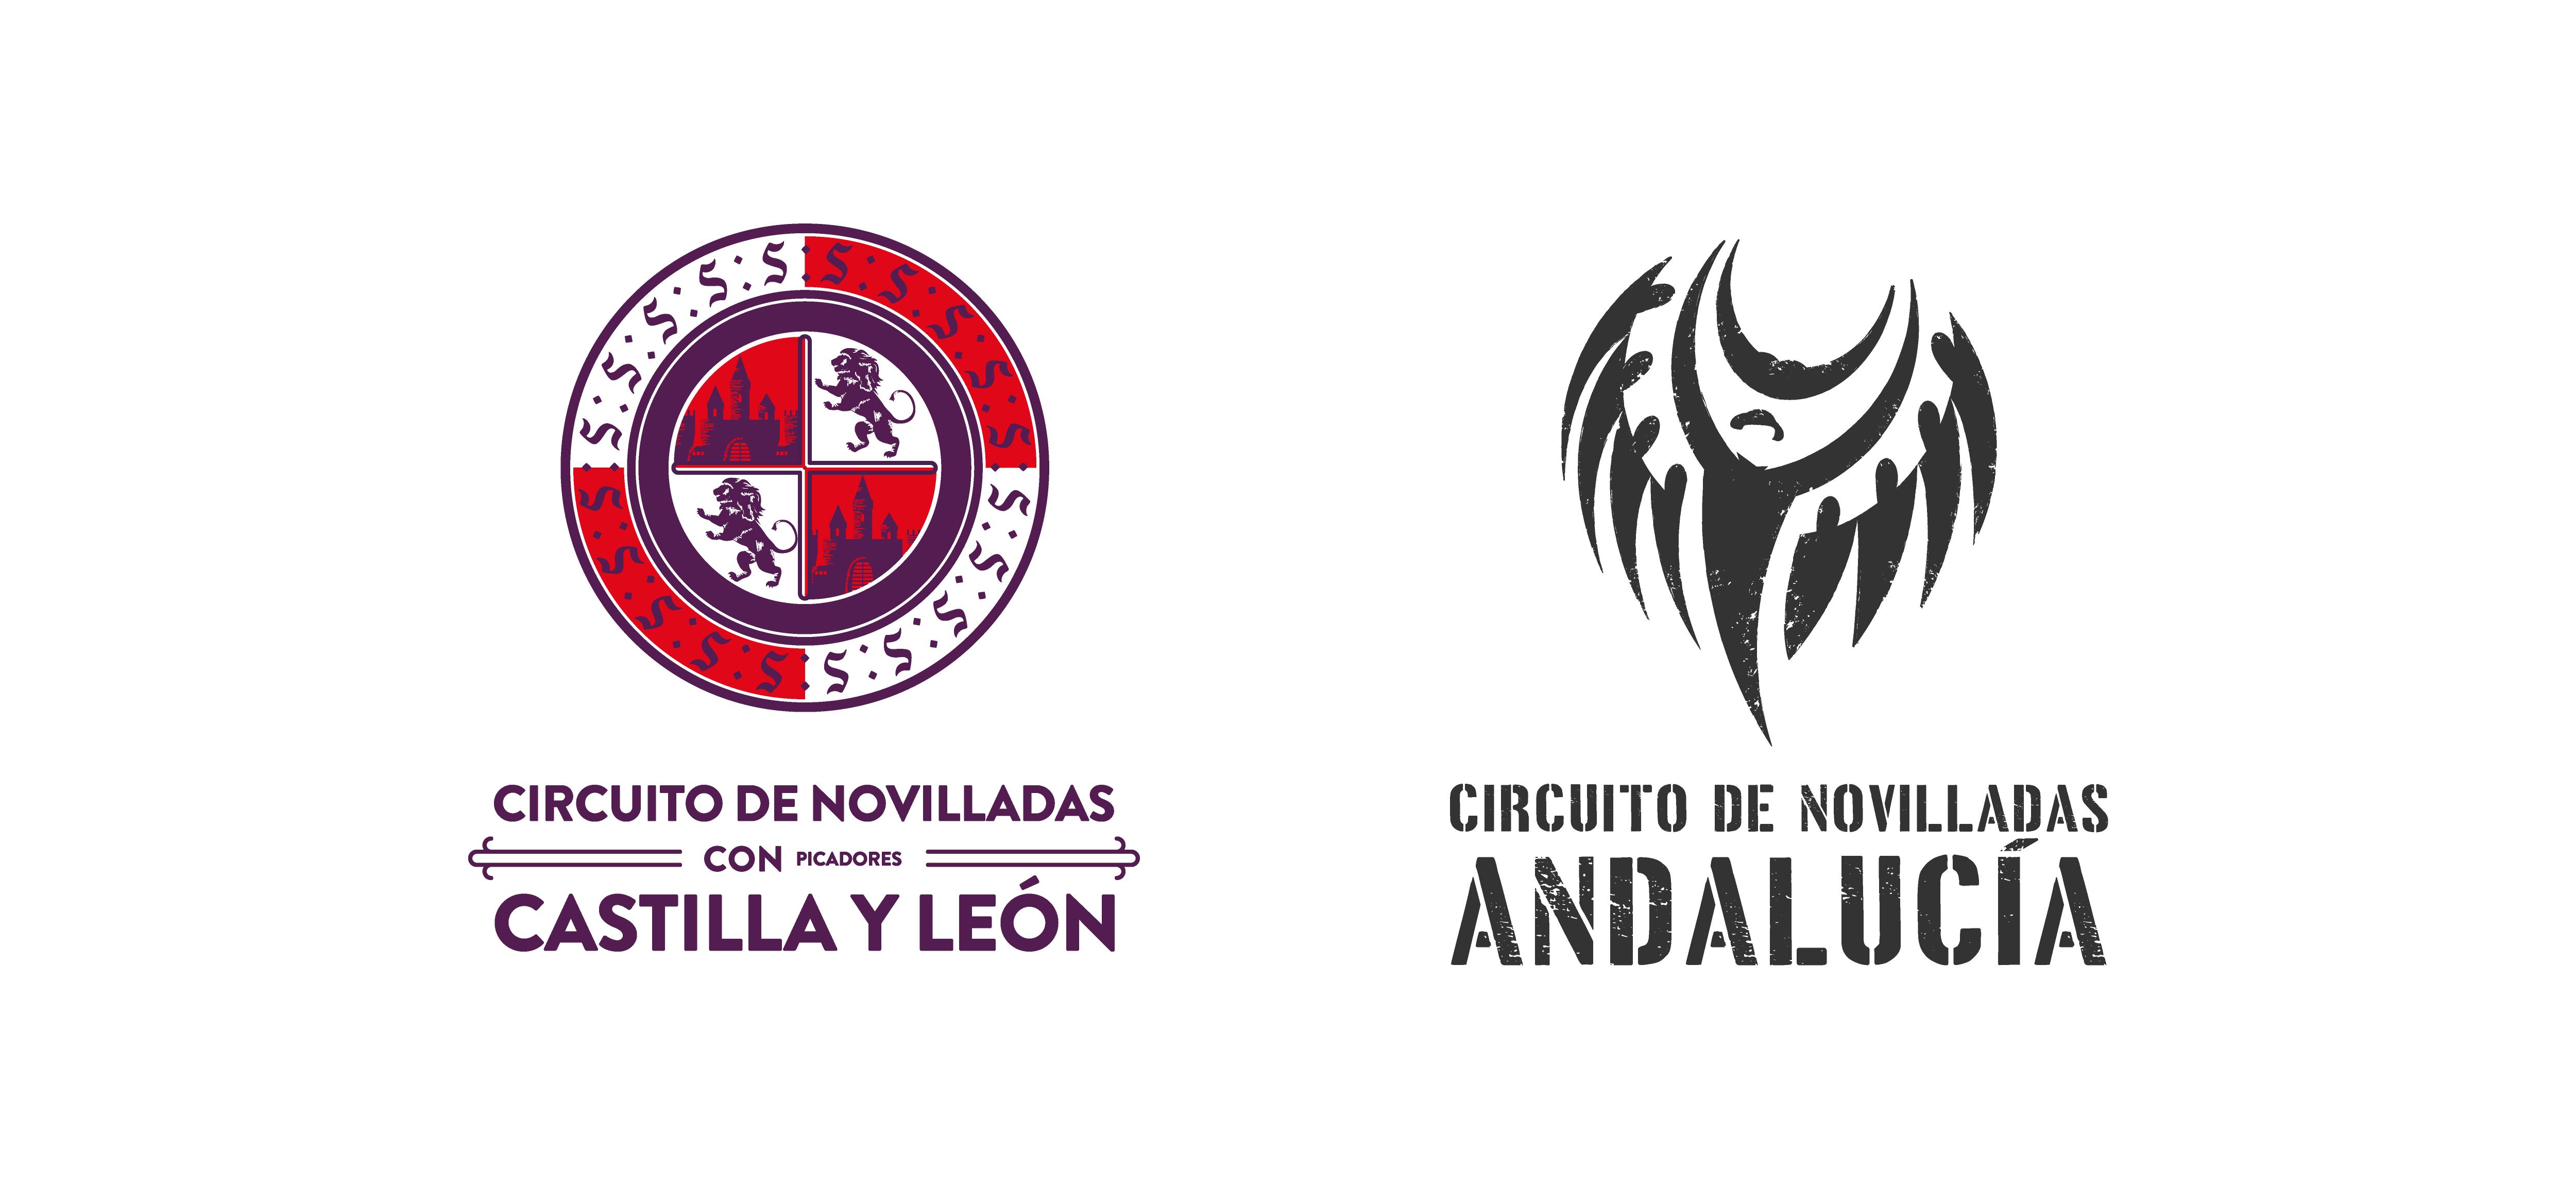 Ya tienen fecha los tentaderos de clasificación para los circuitos de Andalucía y Castilla y León